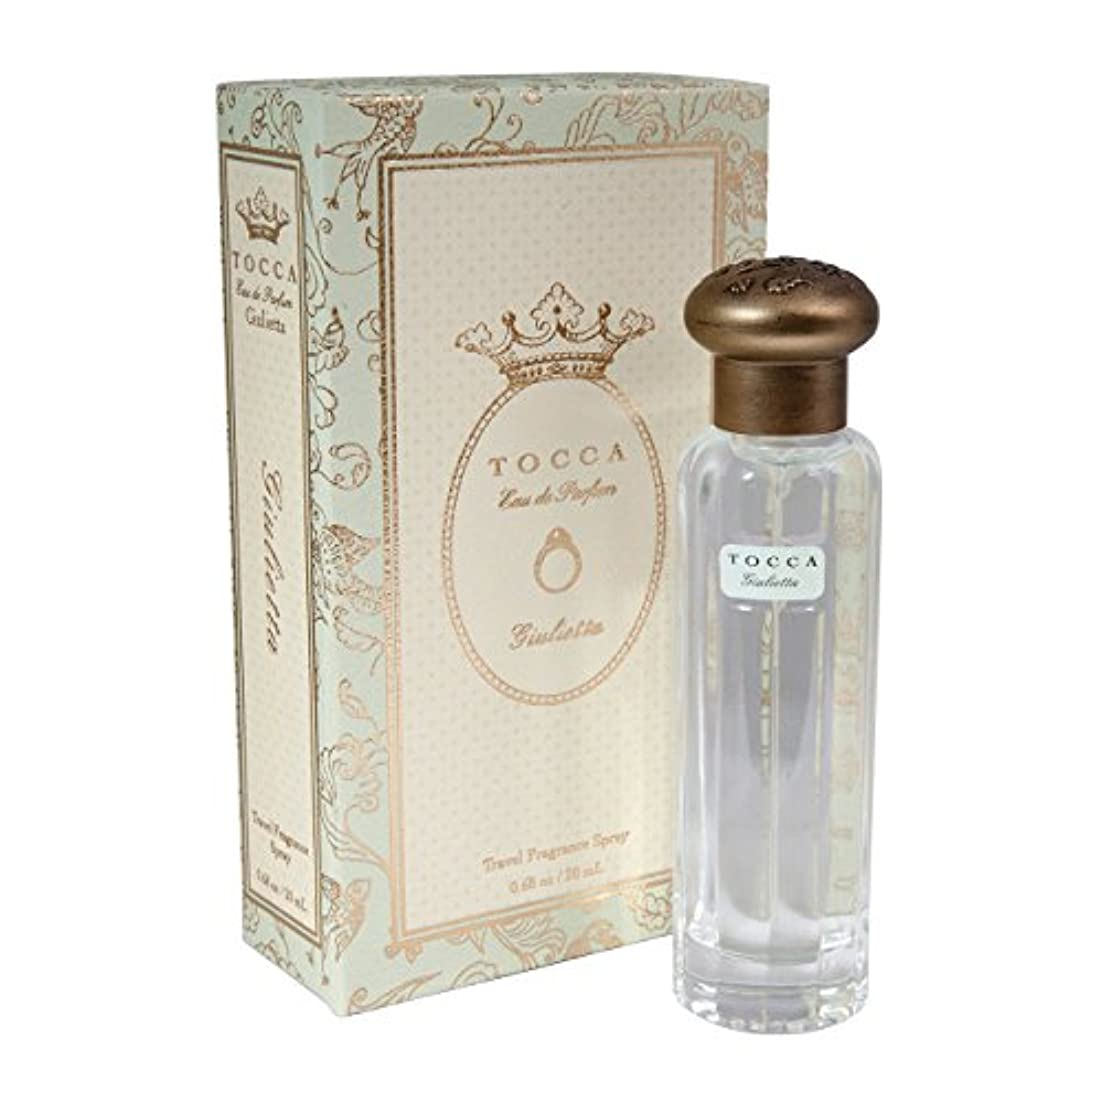 指紋王女原始的なトッカ(TOCCA)  トラベルフレグランススプレー ジュリエッタの香り 20ml(香水 オードパルファム 映画監督と女優である妻とのラブストーリーを描く、グリーンアップルとチューリップの甘く優美な香り)